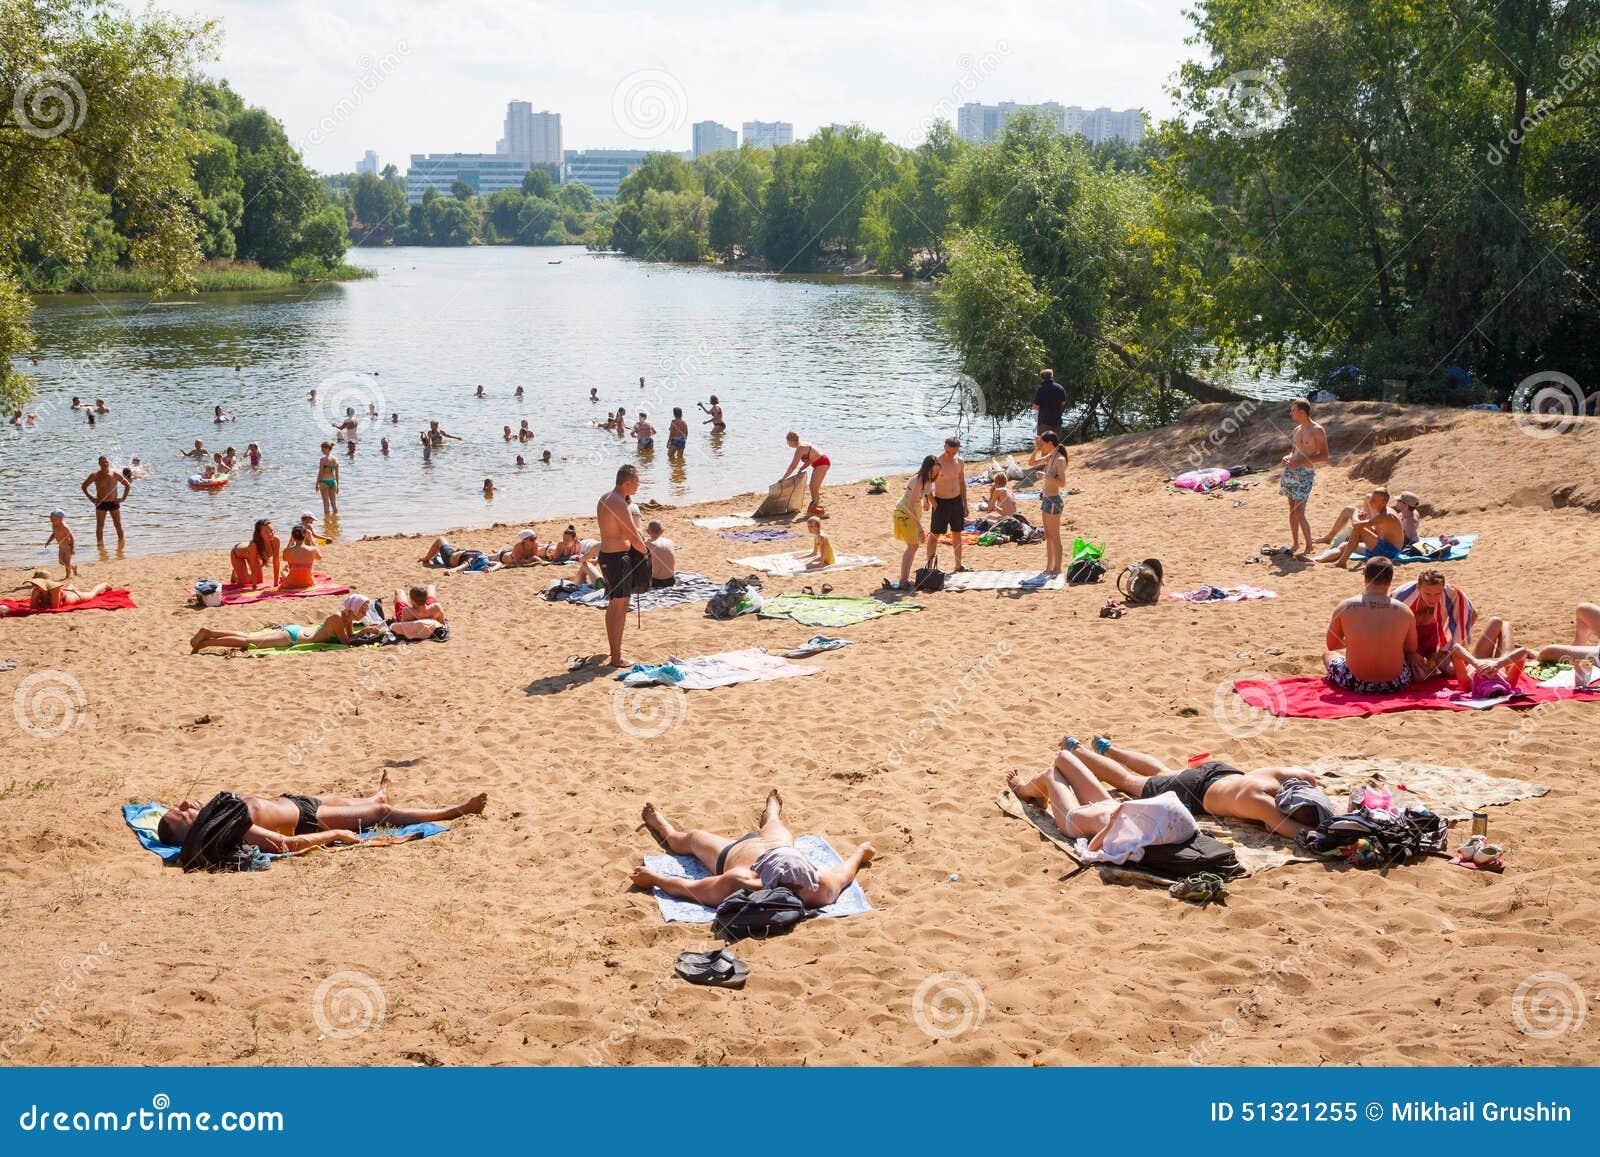 Пляжи в горенке фото